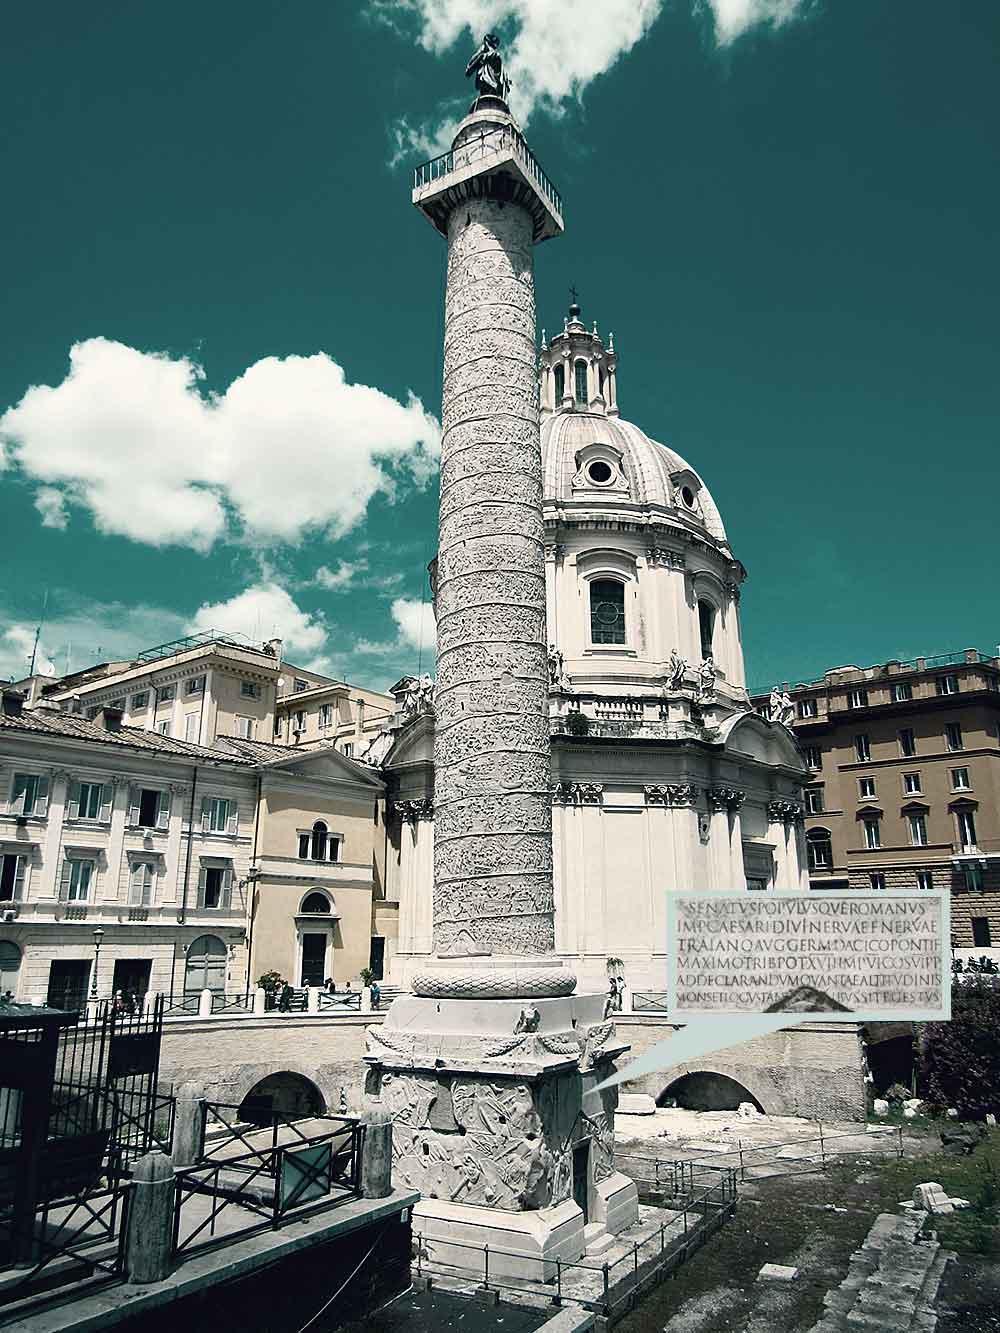 Das »Trajanische Alphabet« ist eine antike Inschrift (Epigraph) am Sockel der Trajanssäule (Columna Traiana) in Rom. Sie gilt als das berühmtestes Beispiel für die Capitalis Monumentalis und formvollendete Vorlage für alle runden Schriften römischen Ursprungs bzw. Antiqua-Schriften. Foto: Archiv.